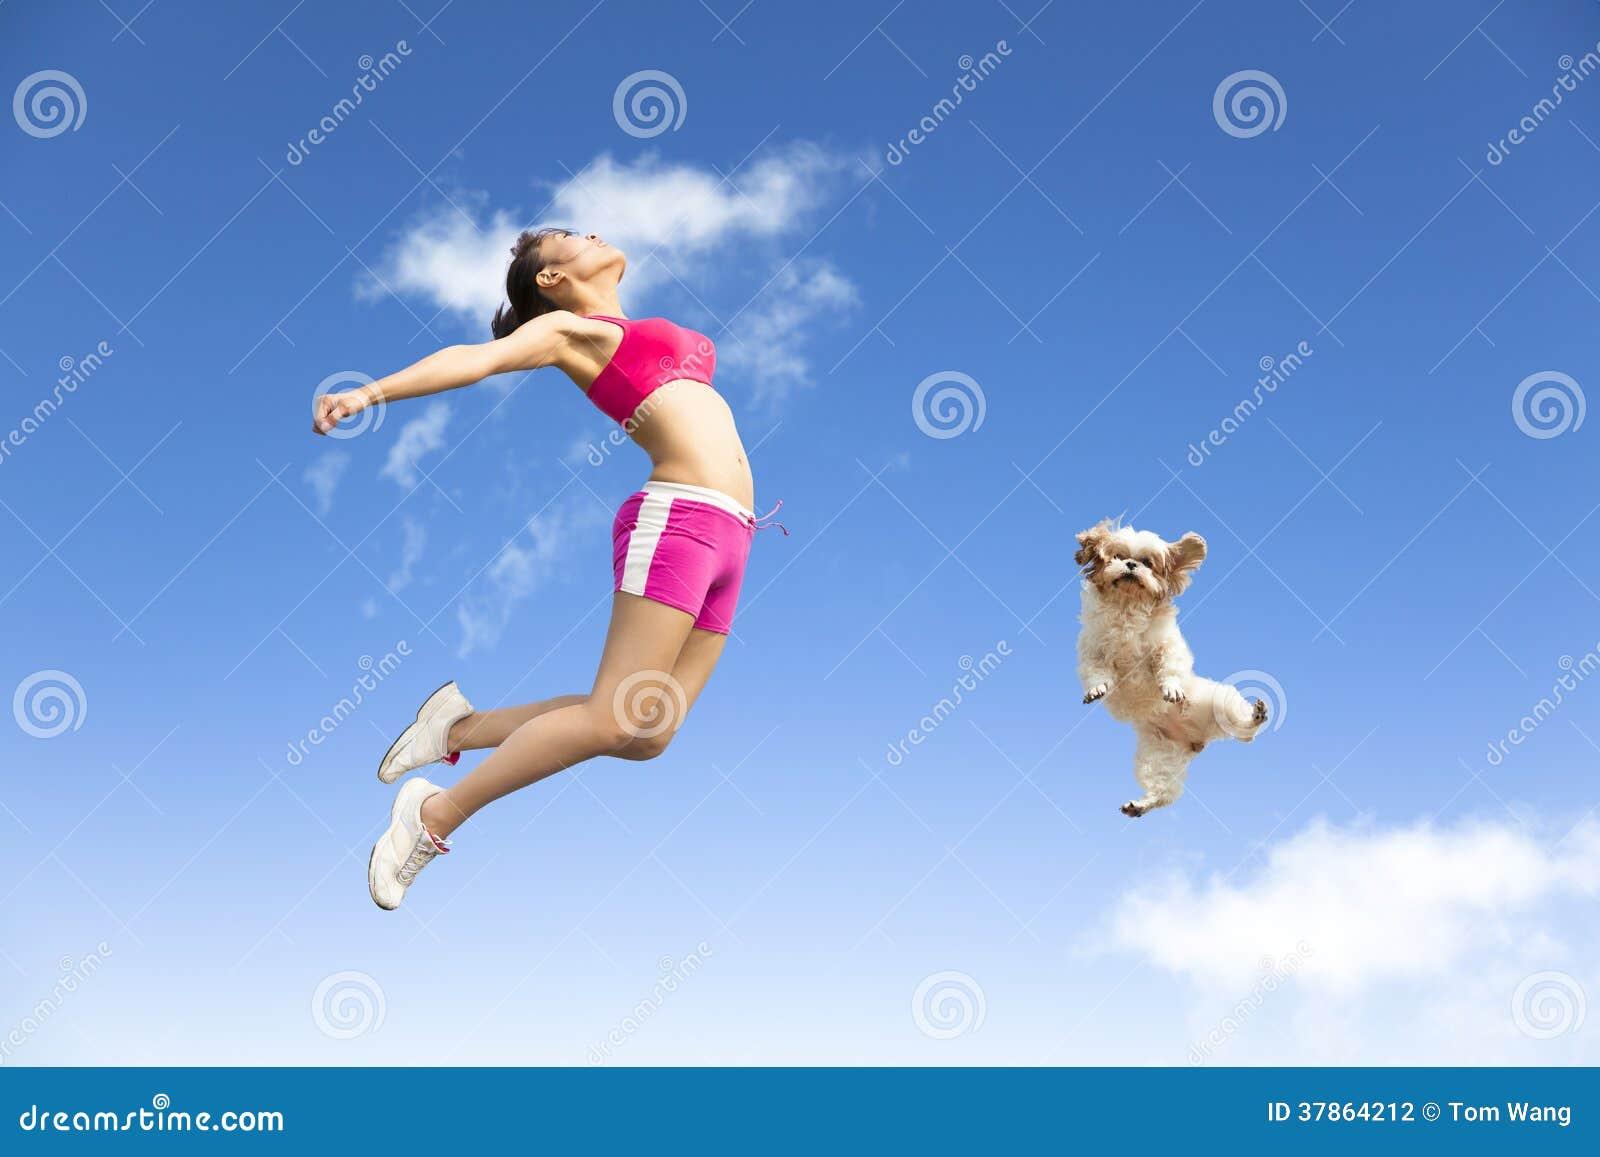 Junge Frau und Hund, die in den Himmel springt